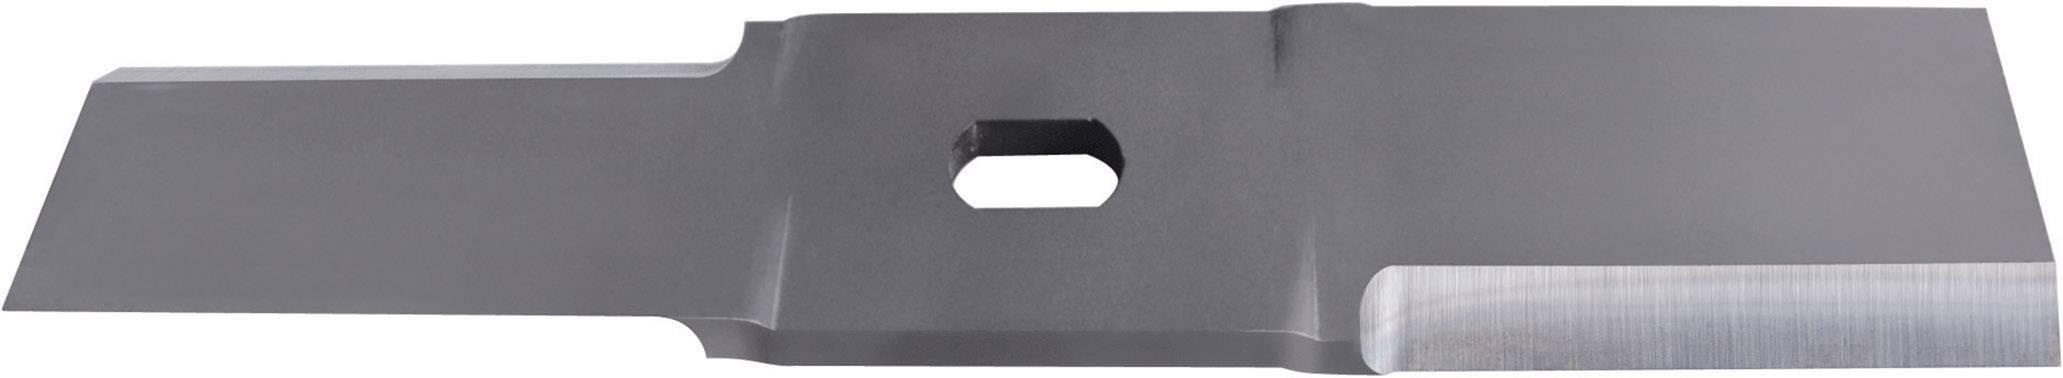 Náhradný nôž do kosačky Bosch F016800276